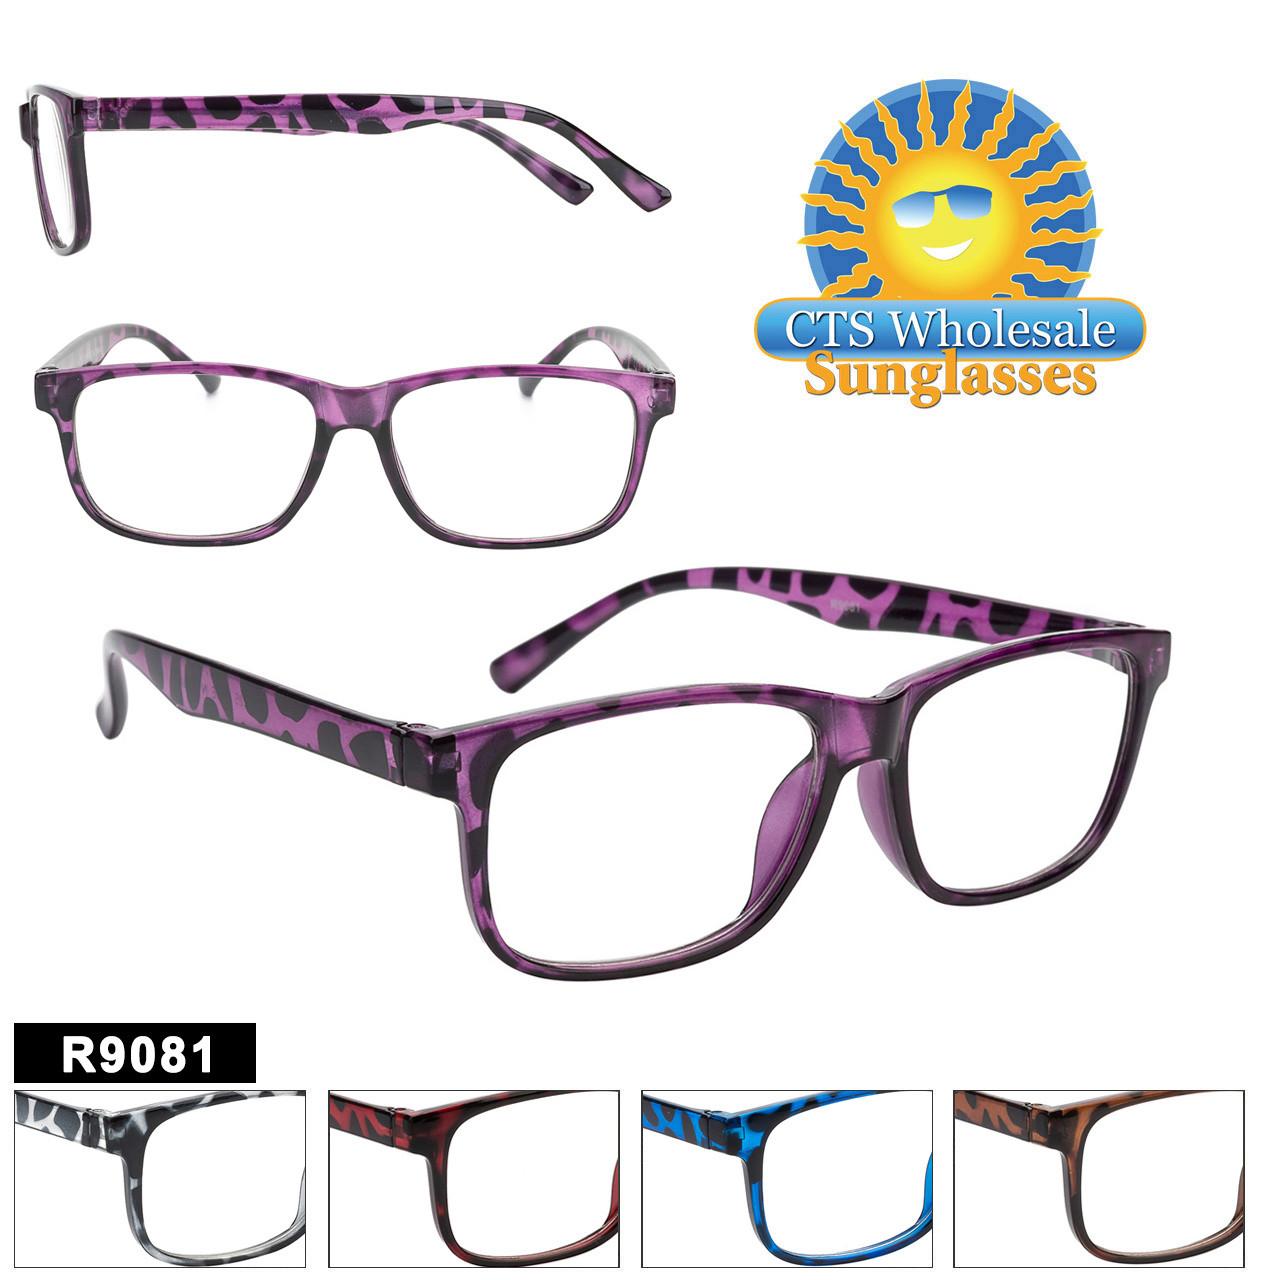 Bulk Plastic Reading Glasses - R9081